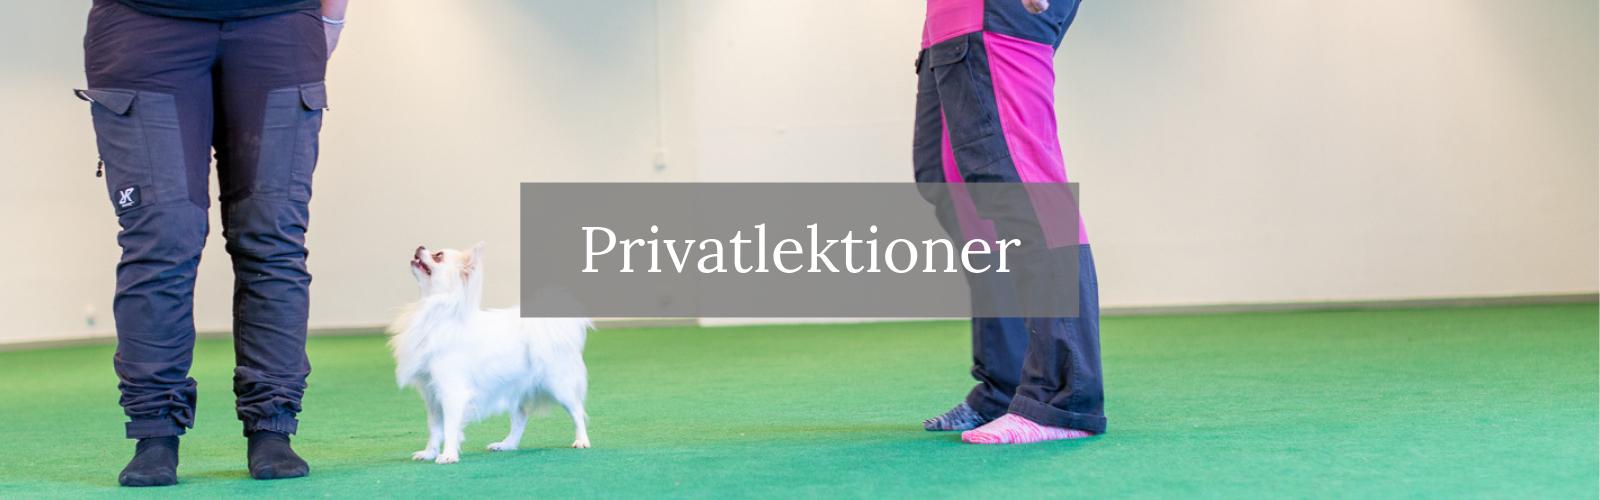 privatträning - hund - privatlektion - Uppsala - Gävle - Tierp